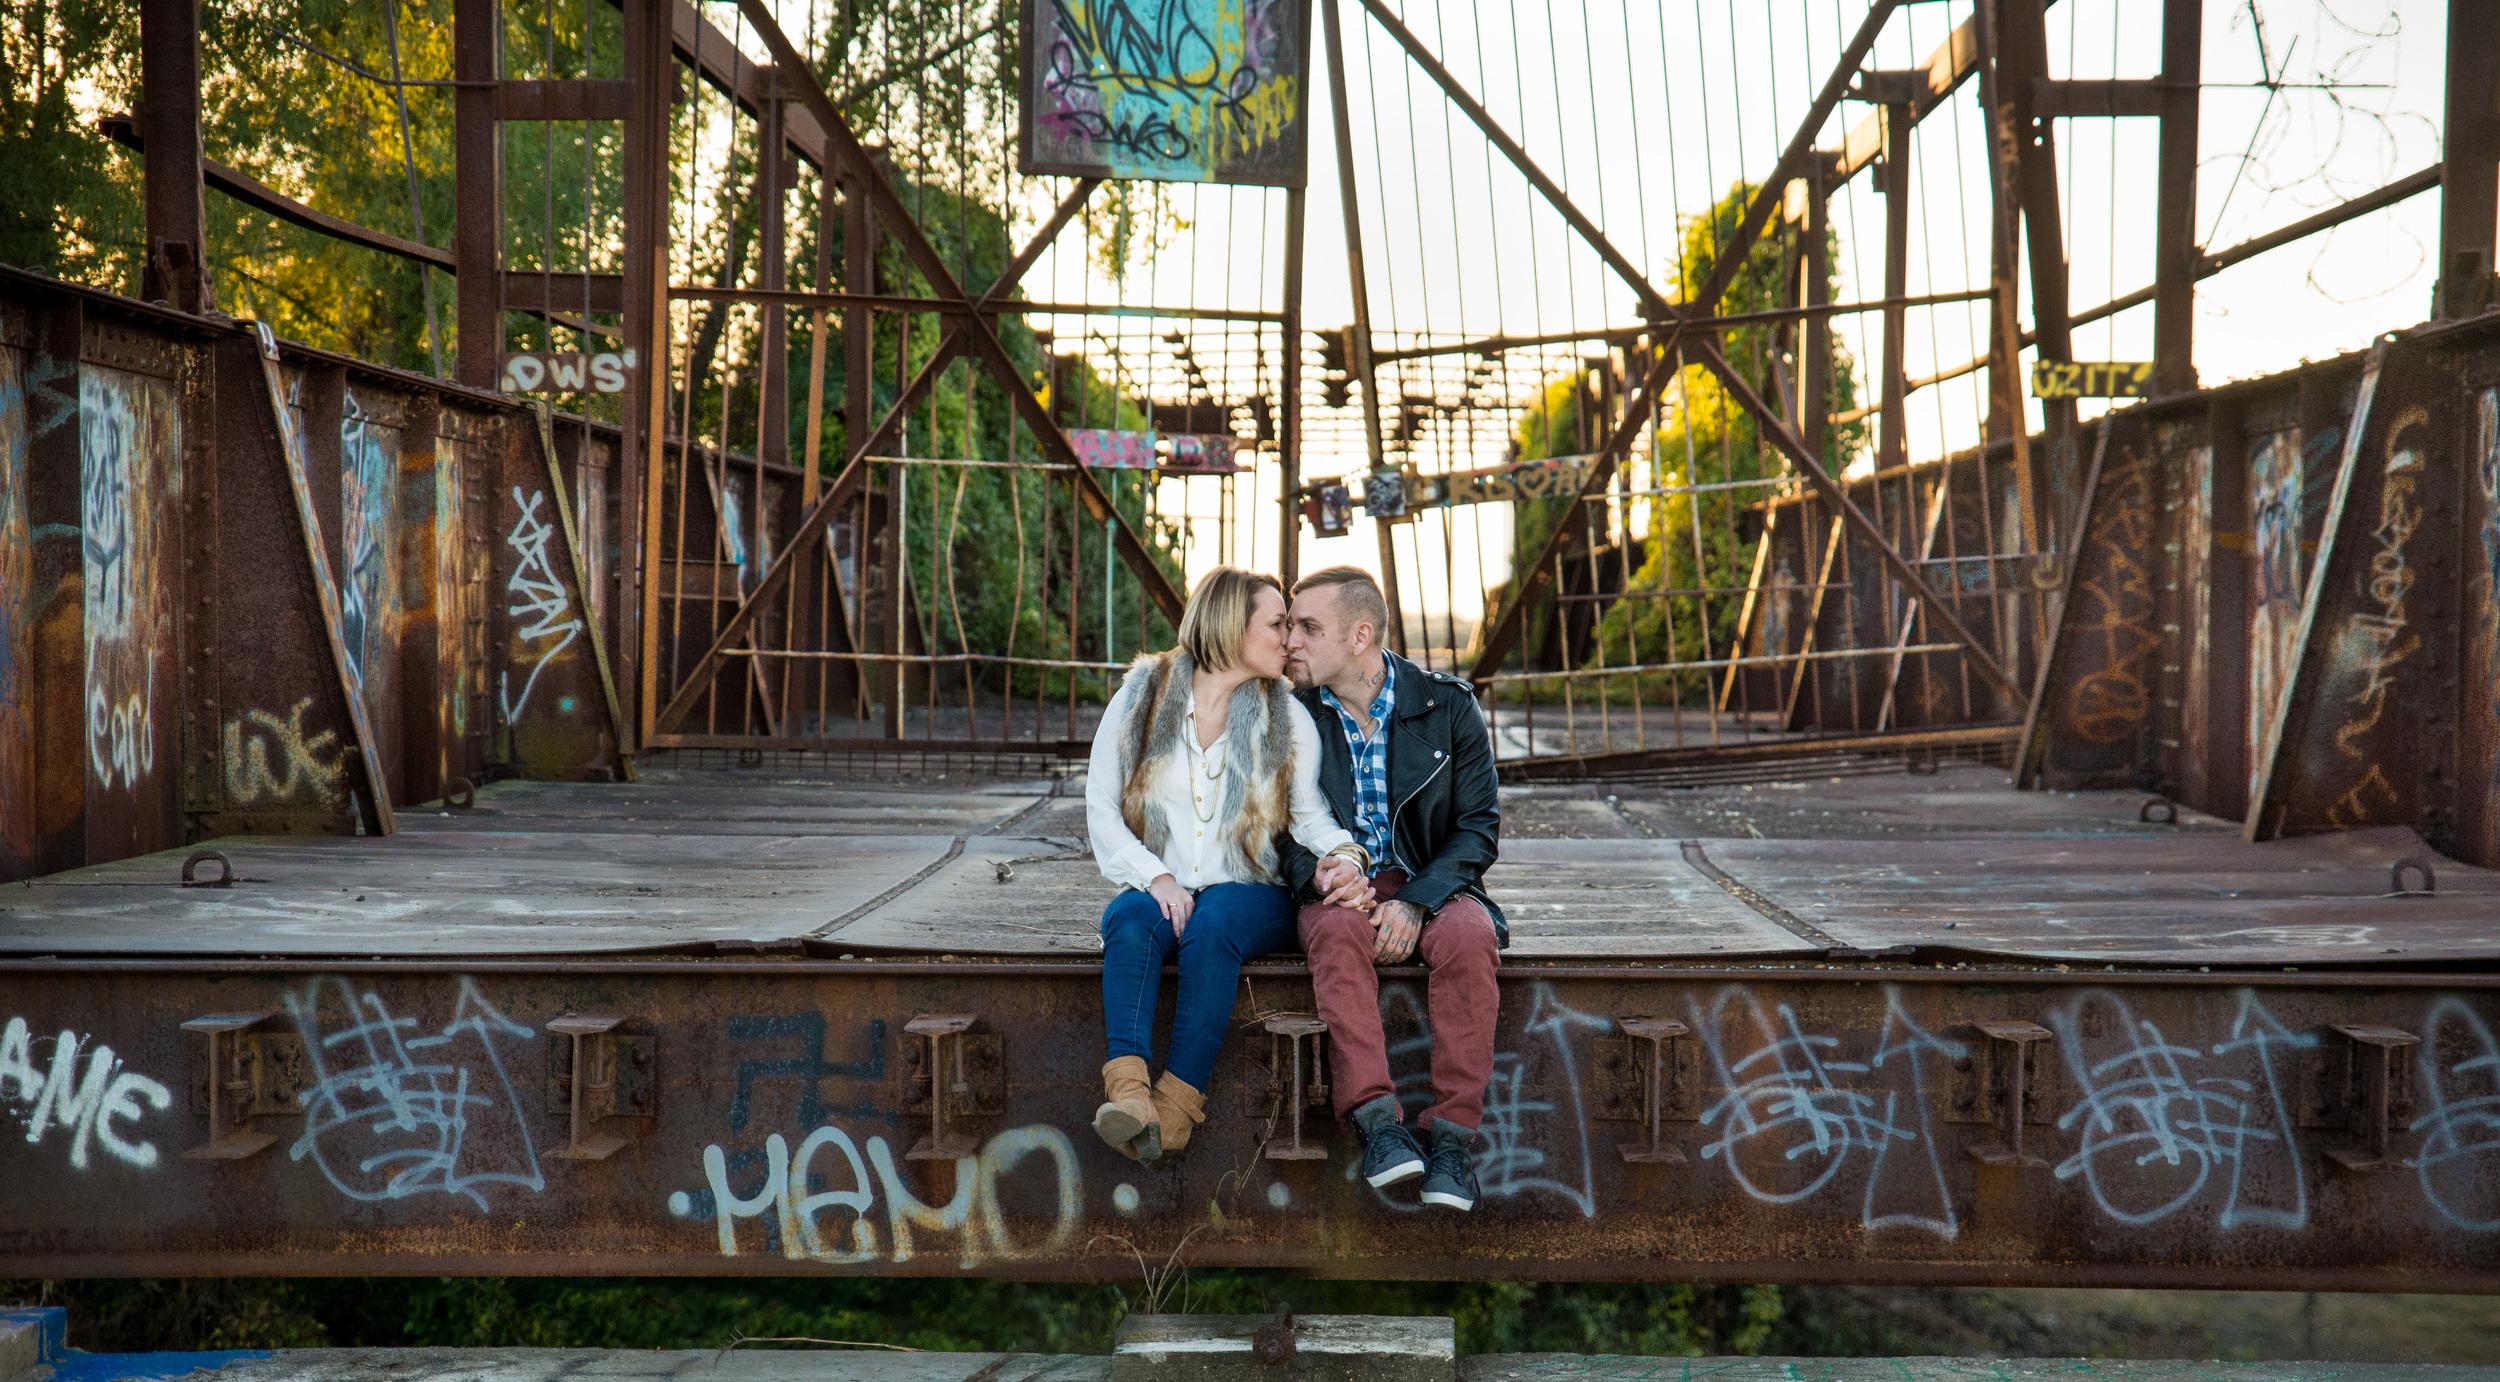 Baton Rouge Engagement Photography